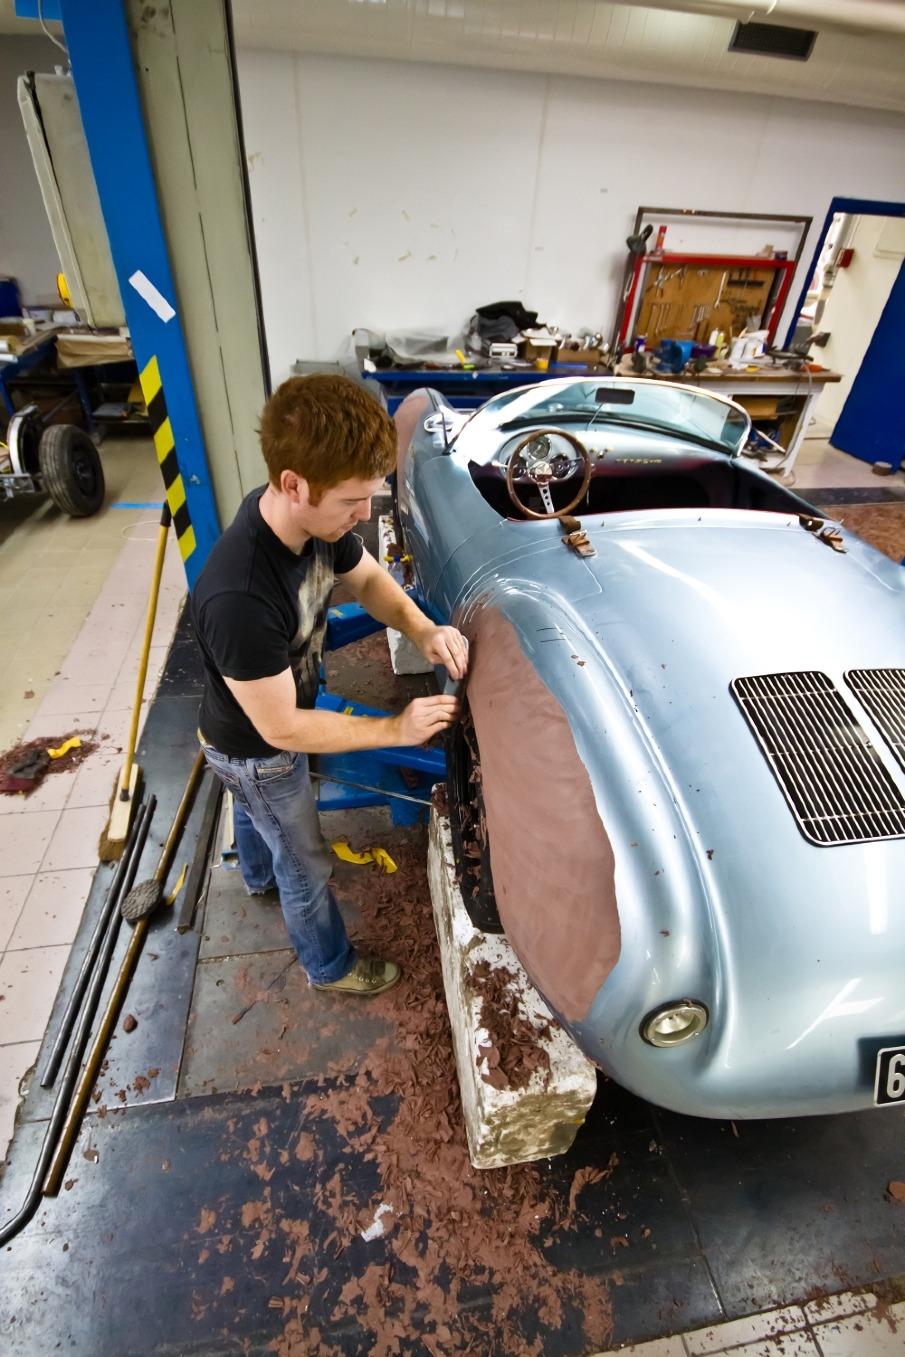 1955 porsche 550 spyder replica wbk alan derosier design - Porsche Spyder Replica Kit